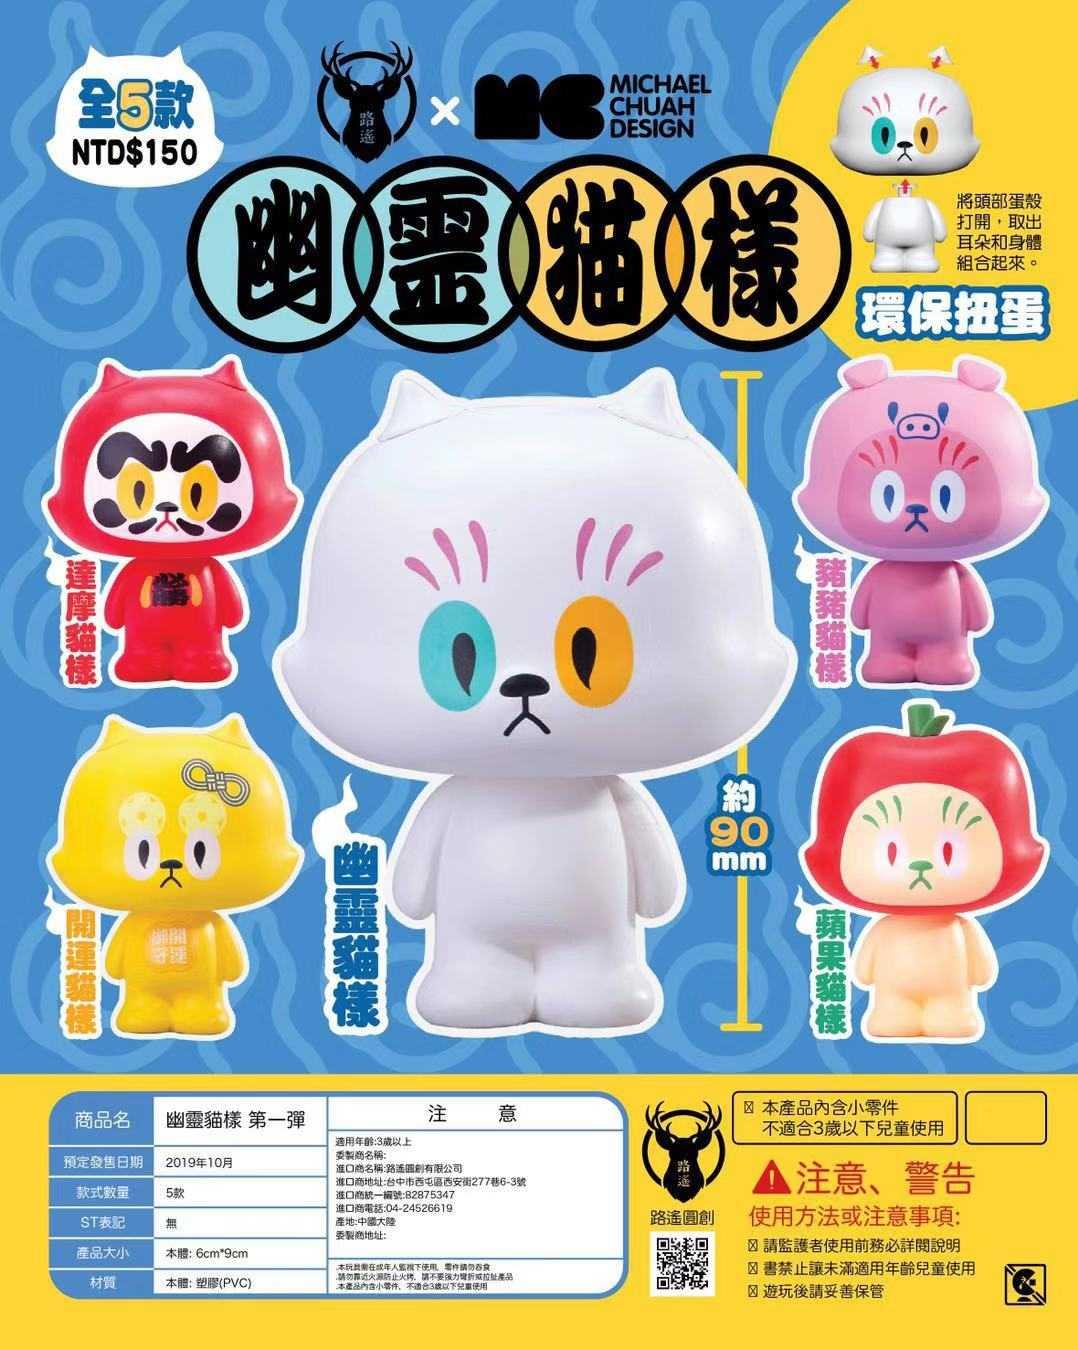 【路遙圓創】『現貨』 幽靈貓樣  轉蛋 扭蛋 設計師玩具 (1套共5款)